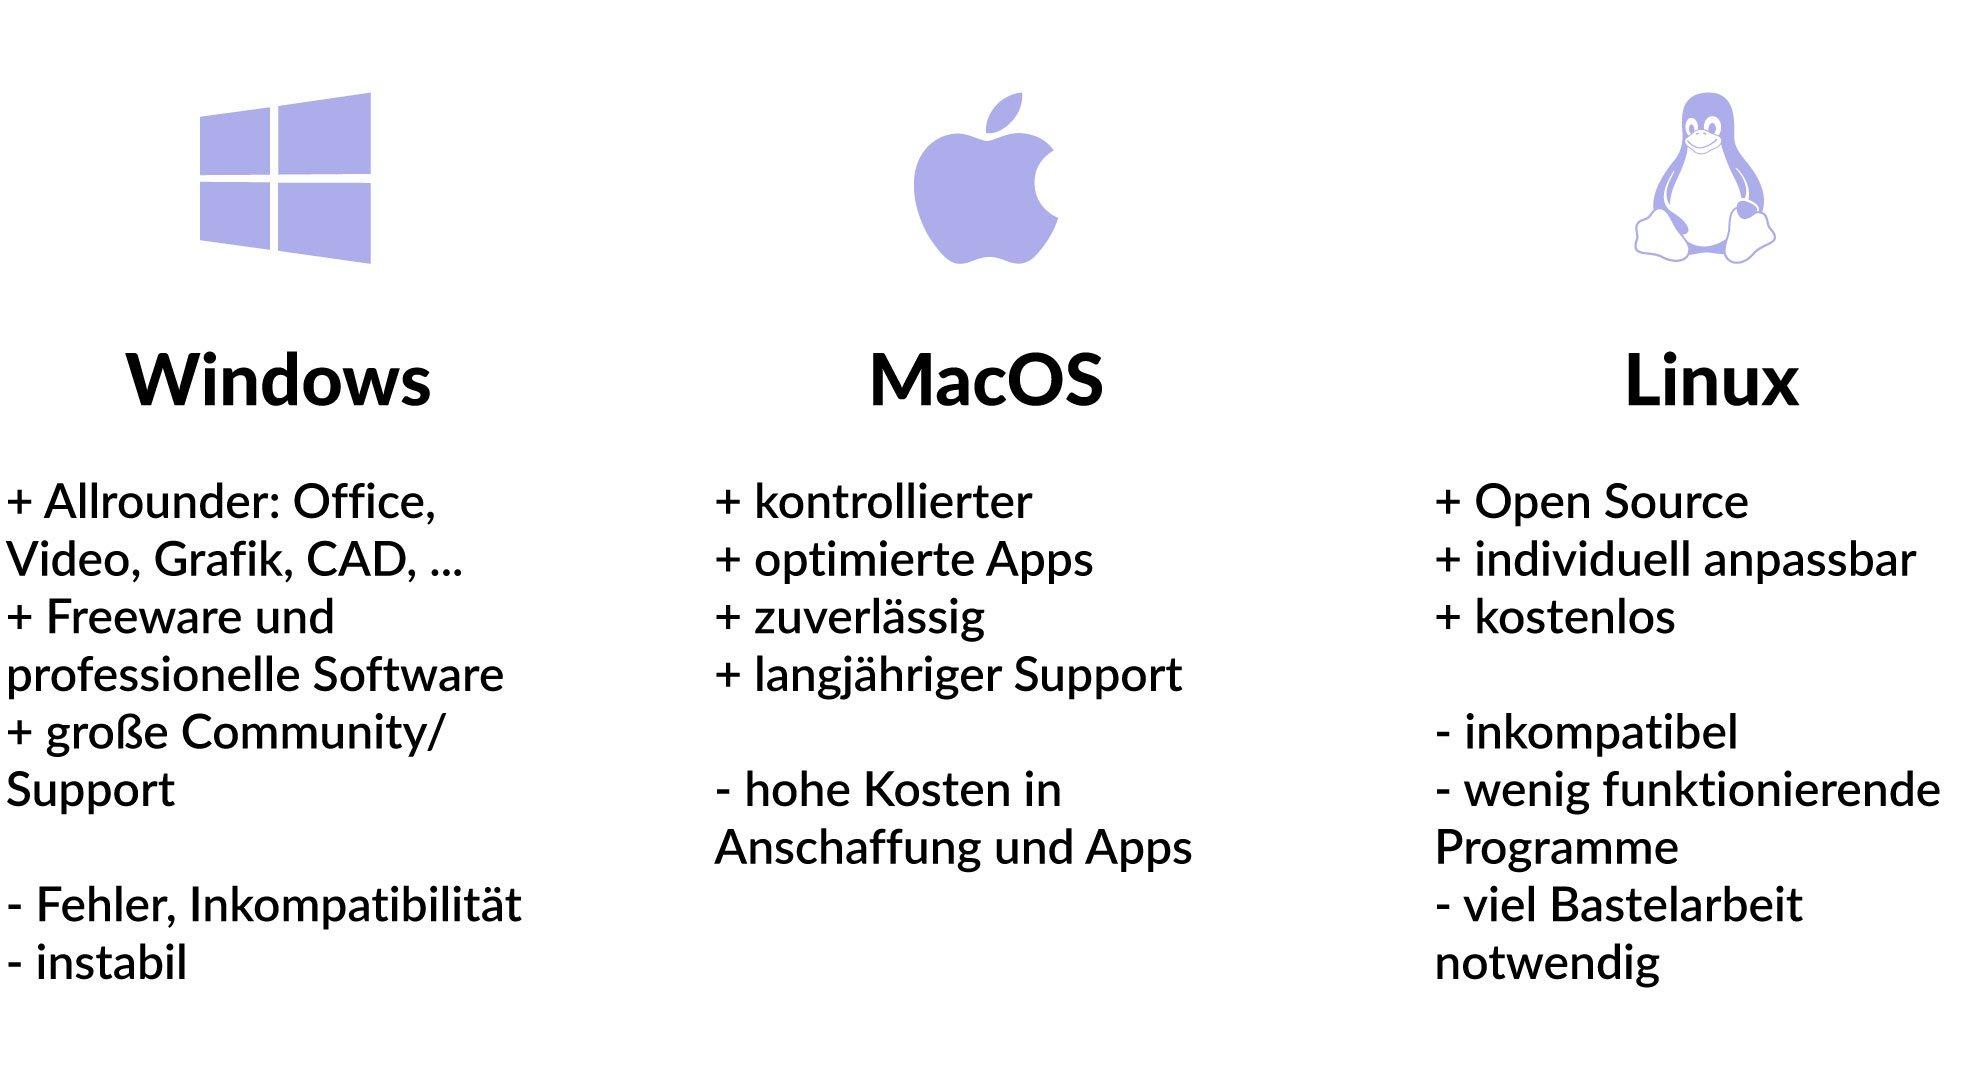 Windows, MacOS oder Linux? Das richtige System für Webworker 2